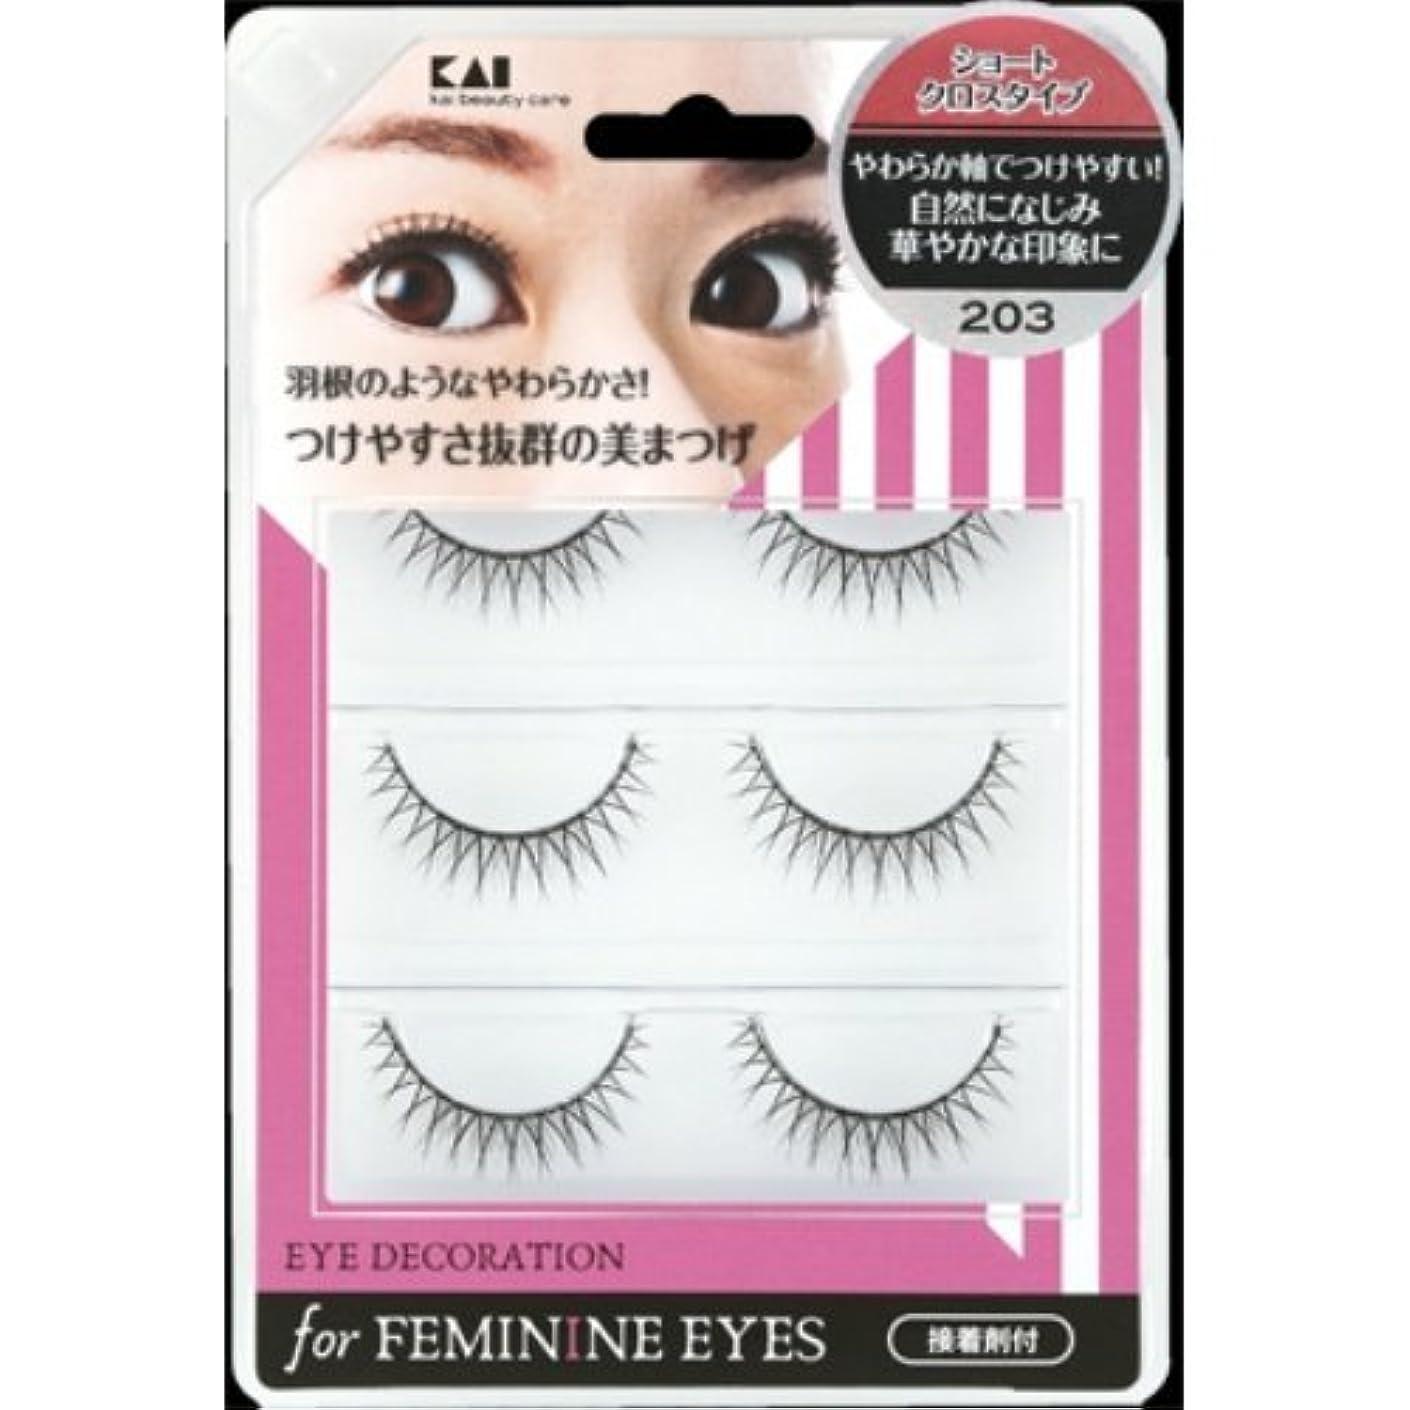 無許可大洪水アルファベット貝印 アイデコレーション for feminine eyes 203 HC1560